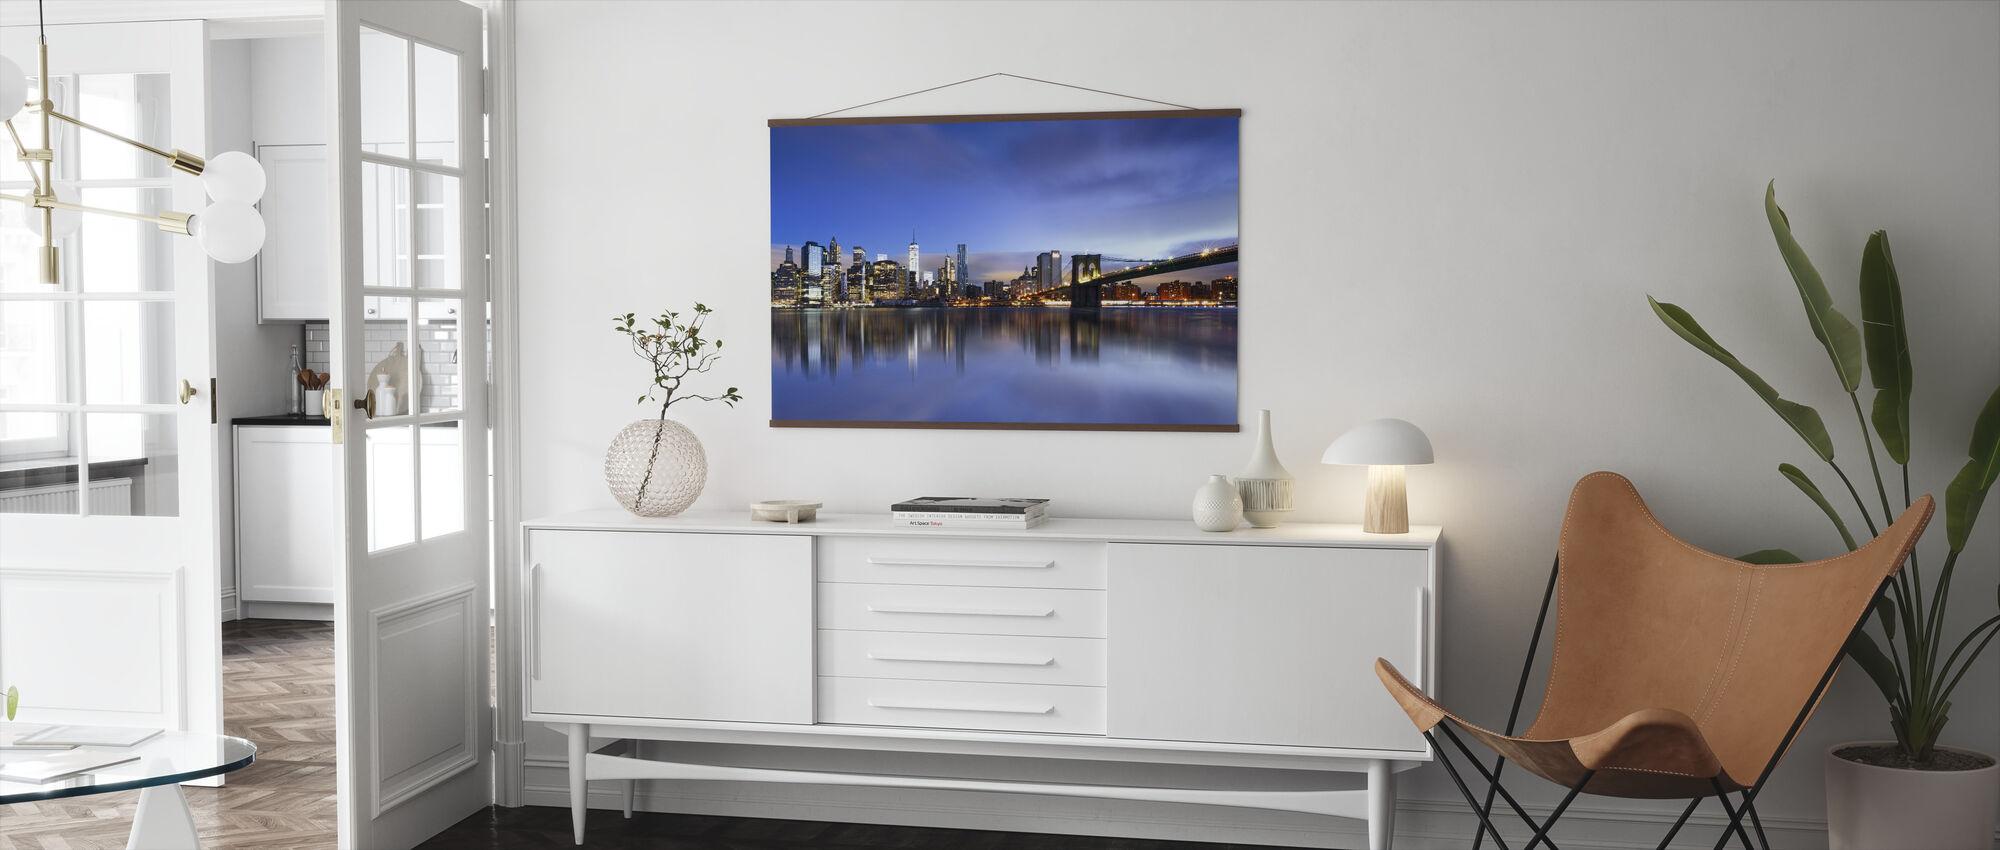 Blue Sunrise over Manhattan - Poster - Living Room